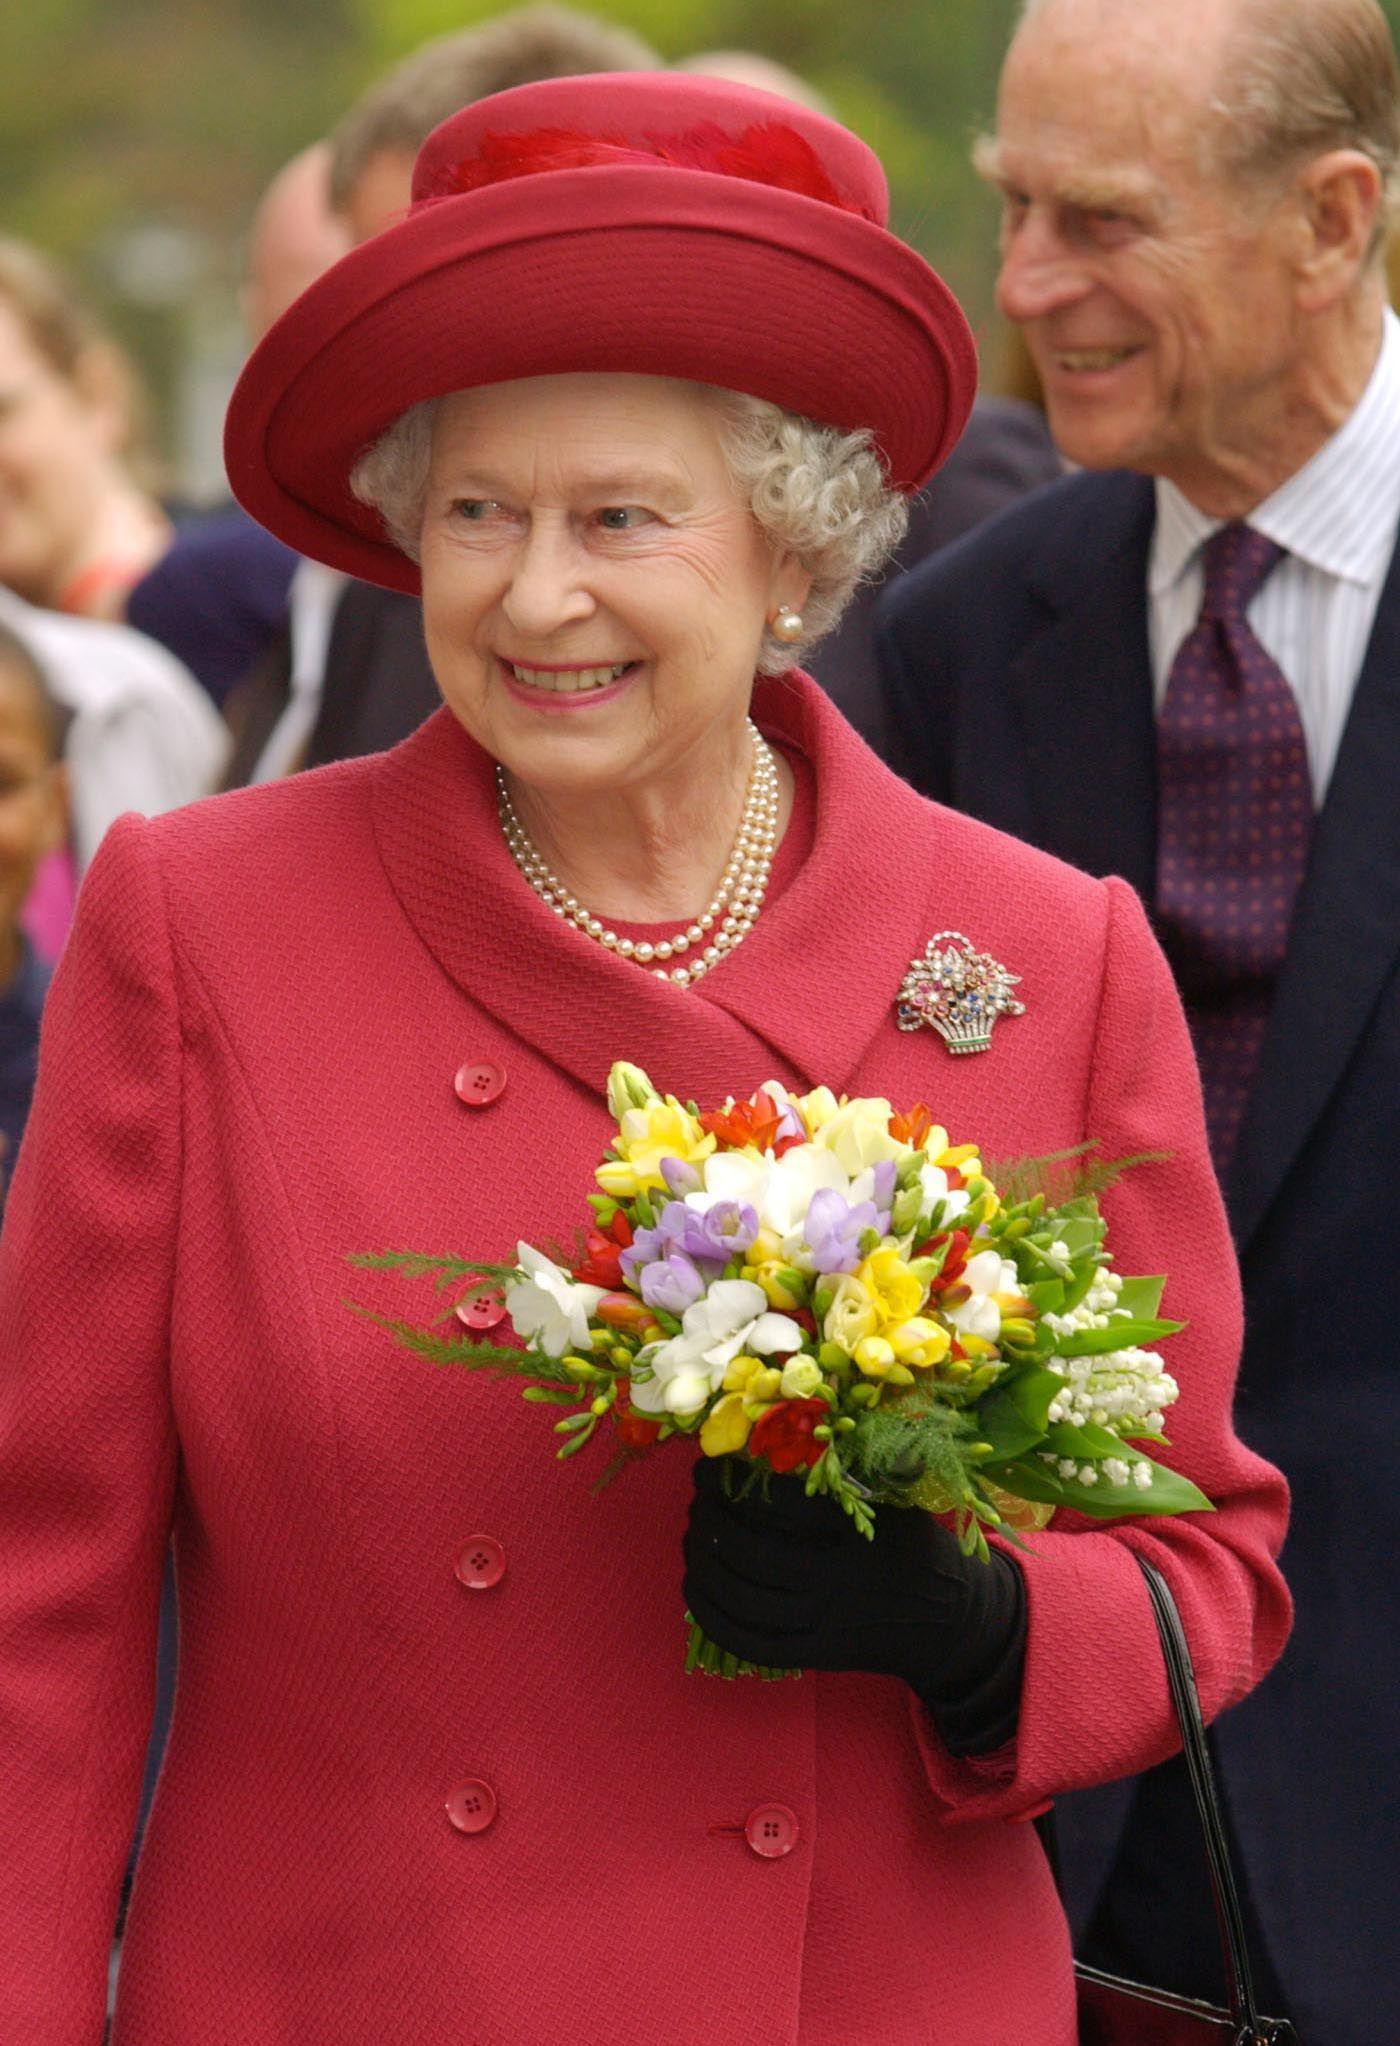 The Queen of England, Queen Elizabeth II. Prince Phillip